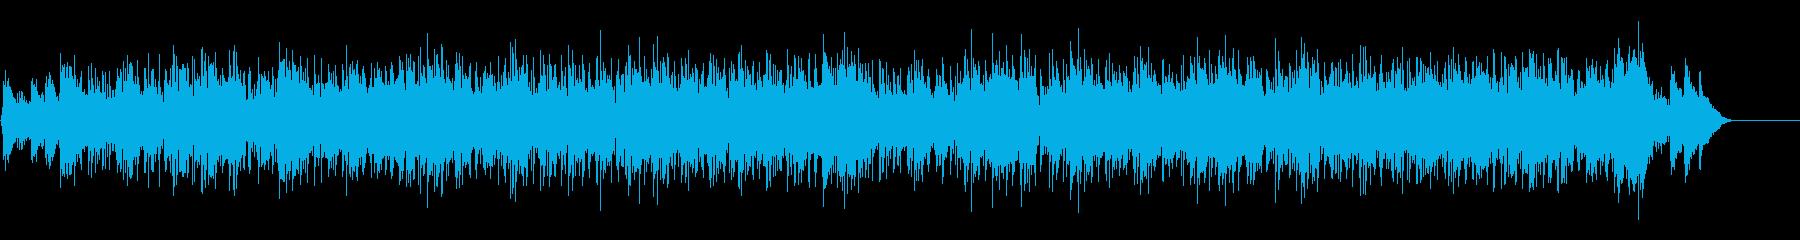 アーバン・ポップス(洗練された雰囲気)の再生済みの波形